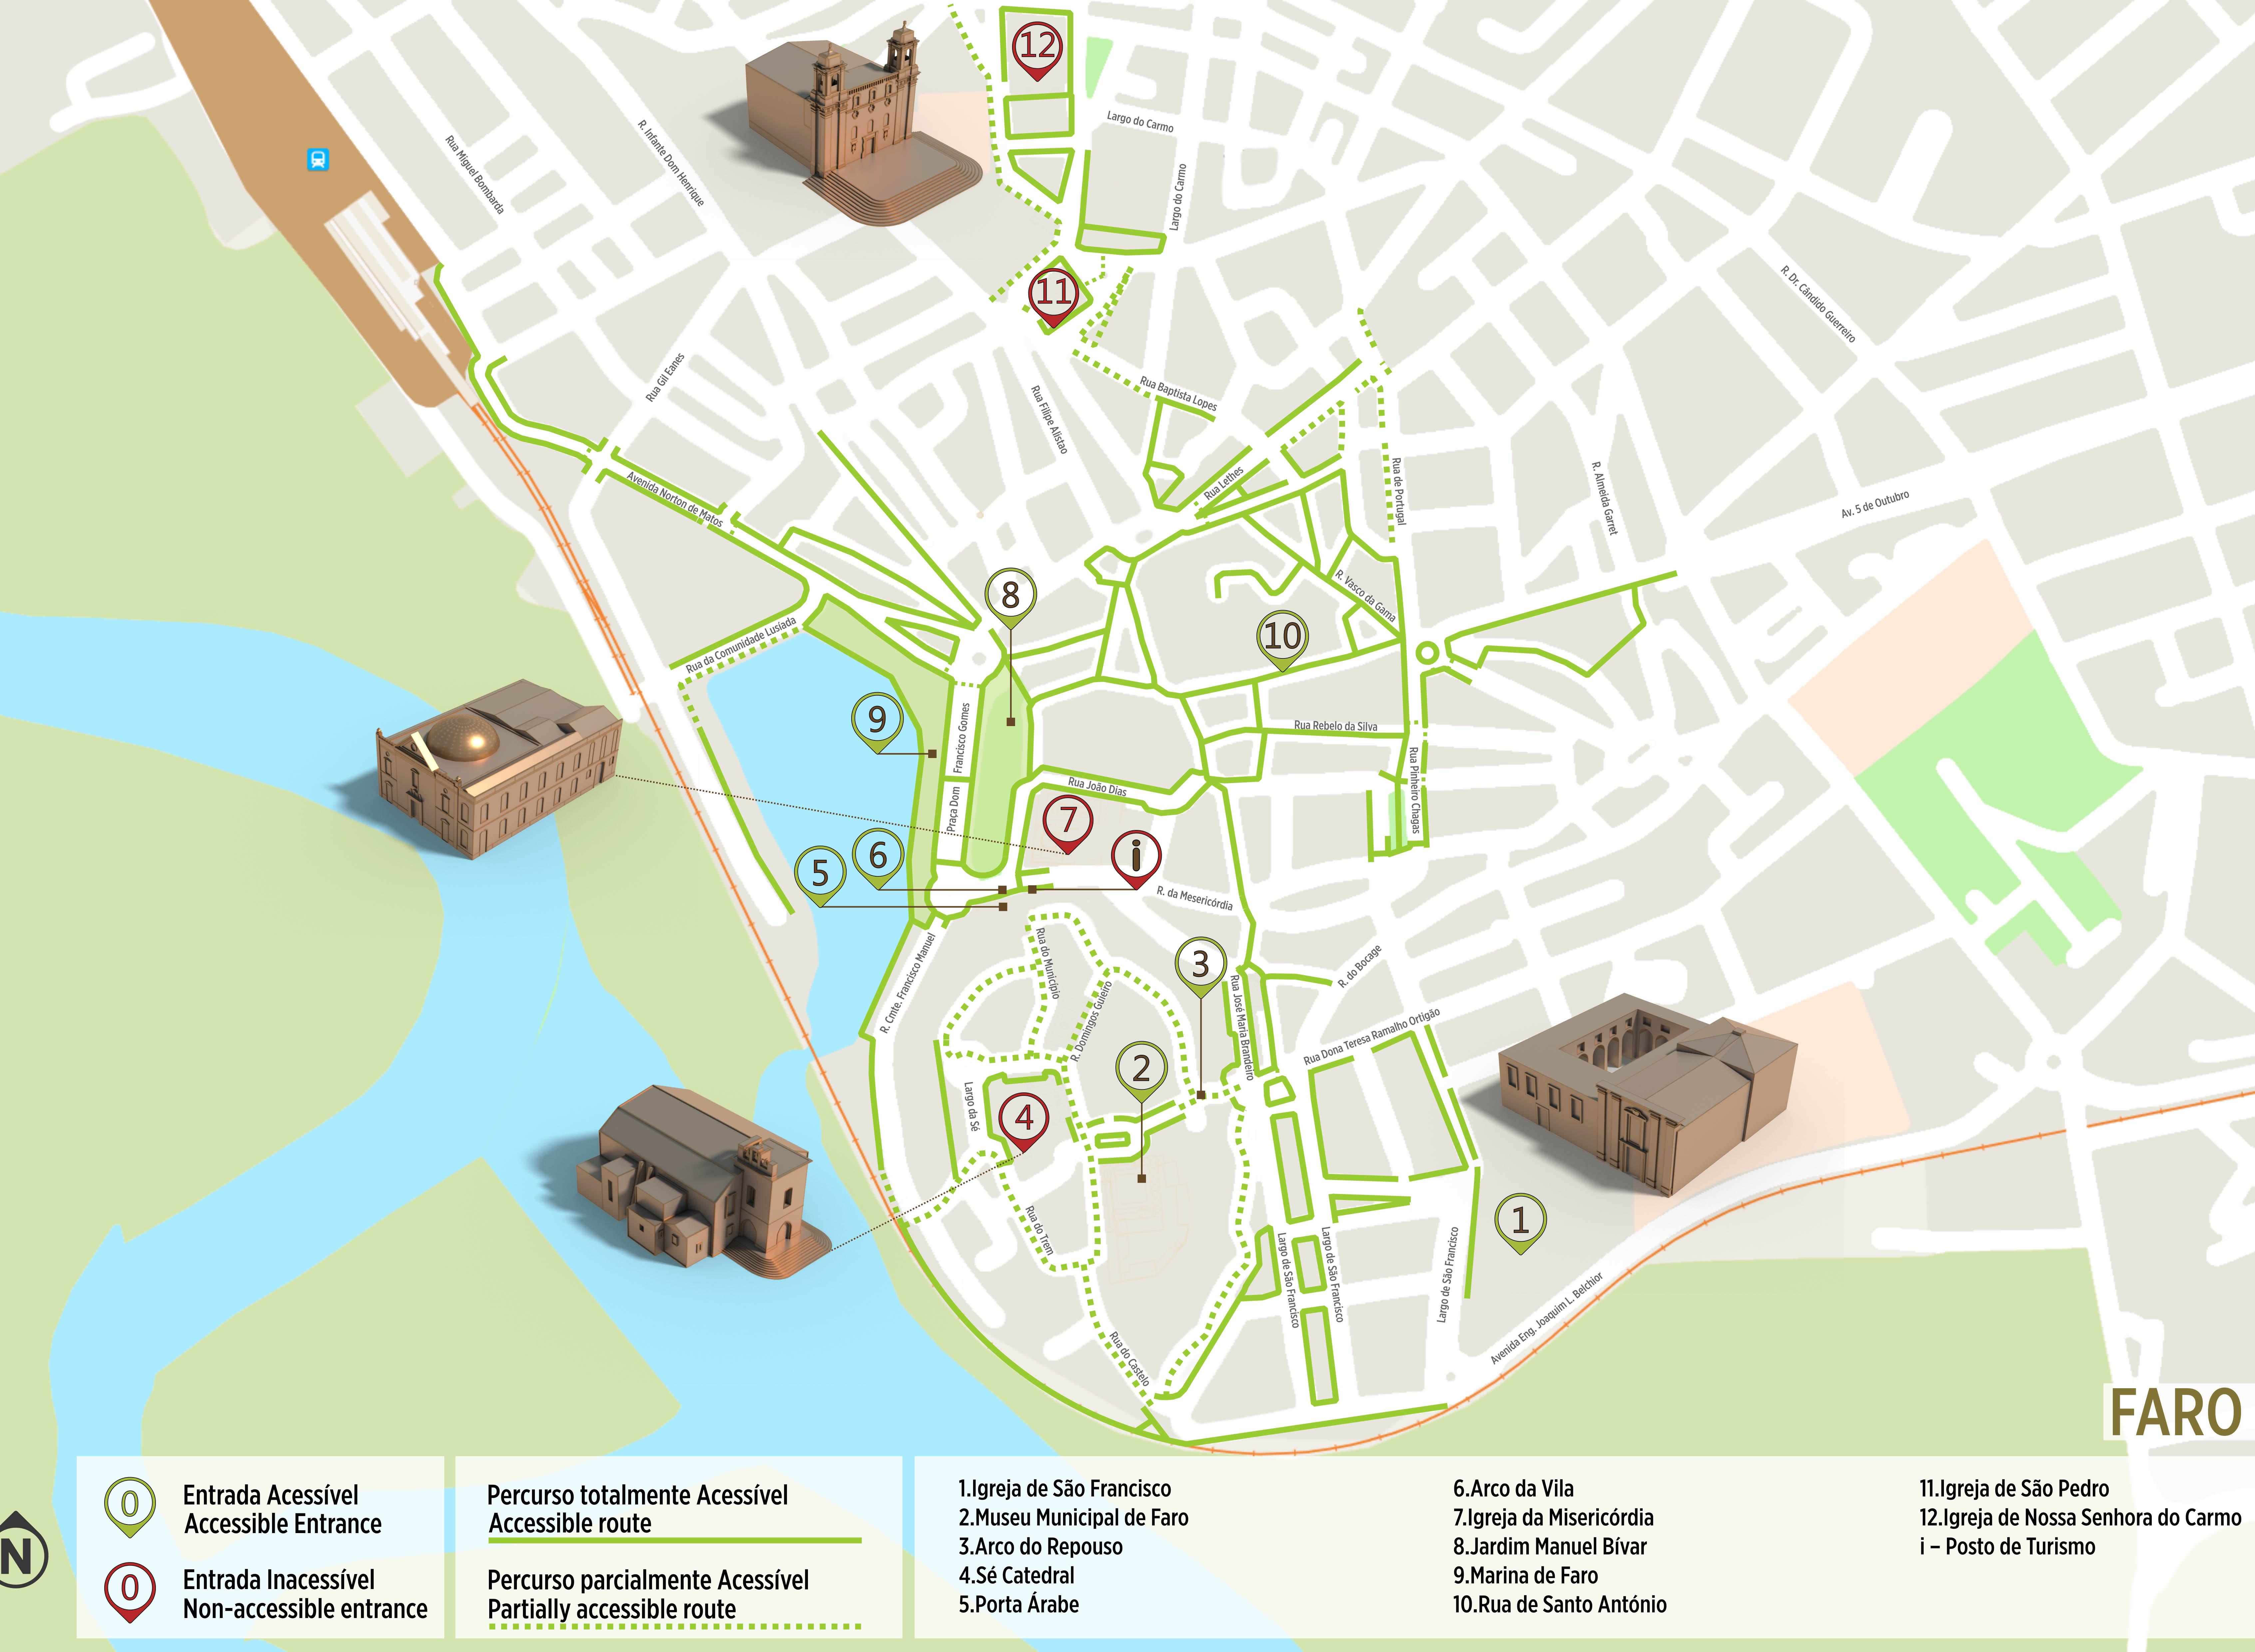 mapa-itinerario-acessivel_faro